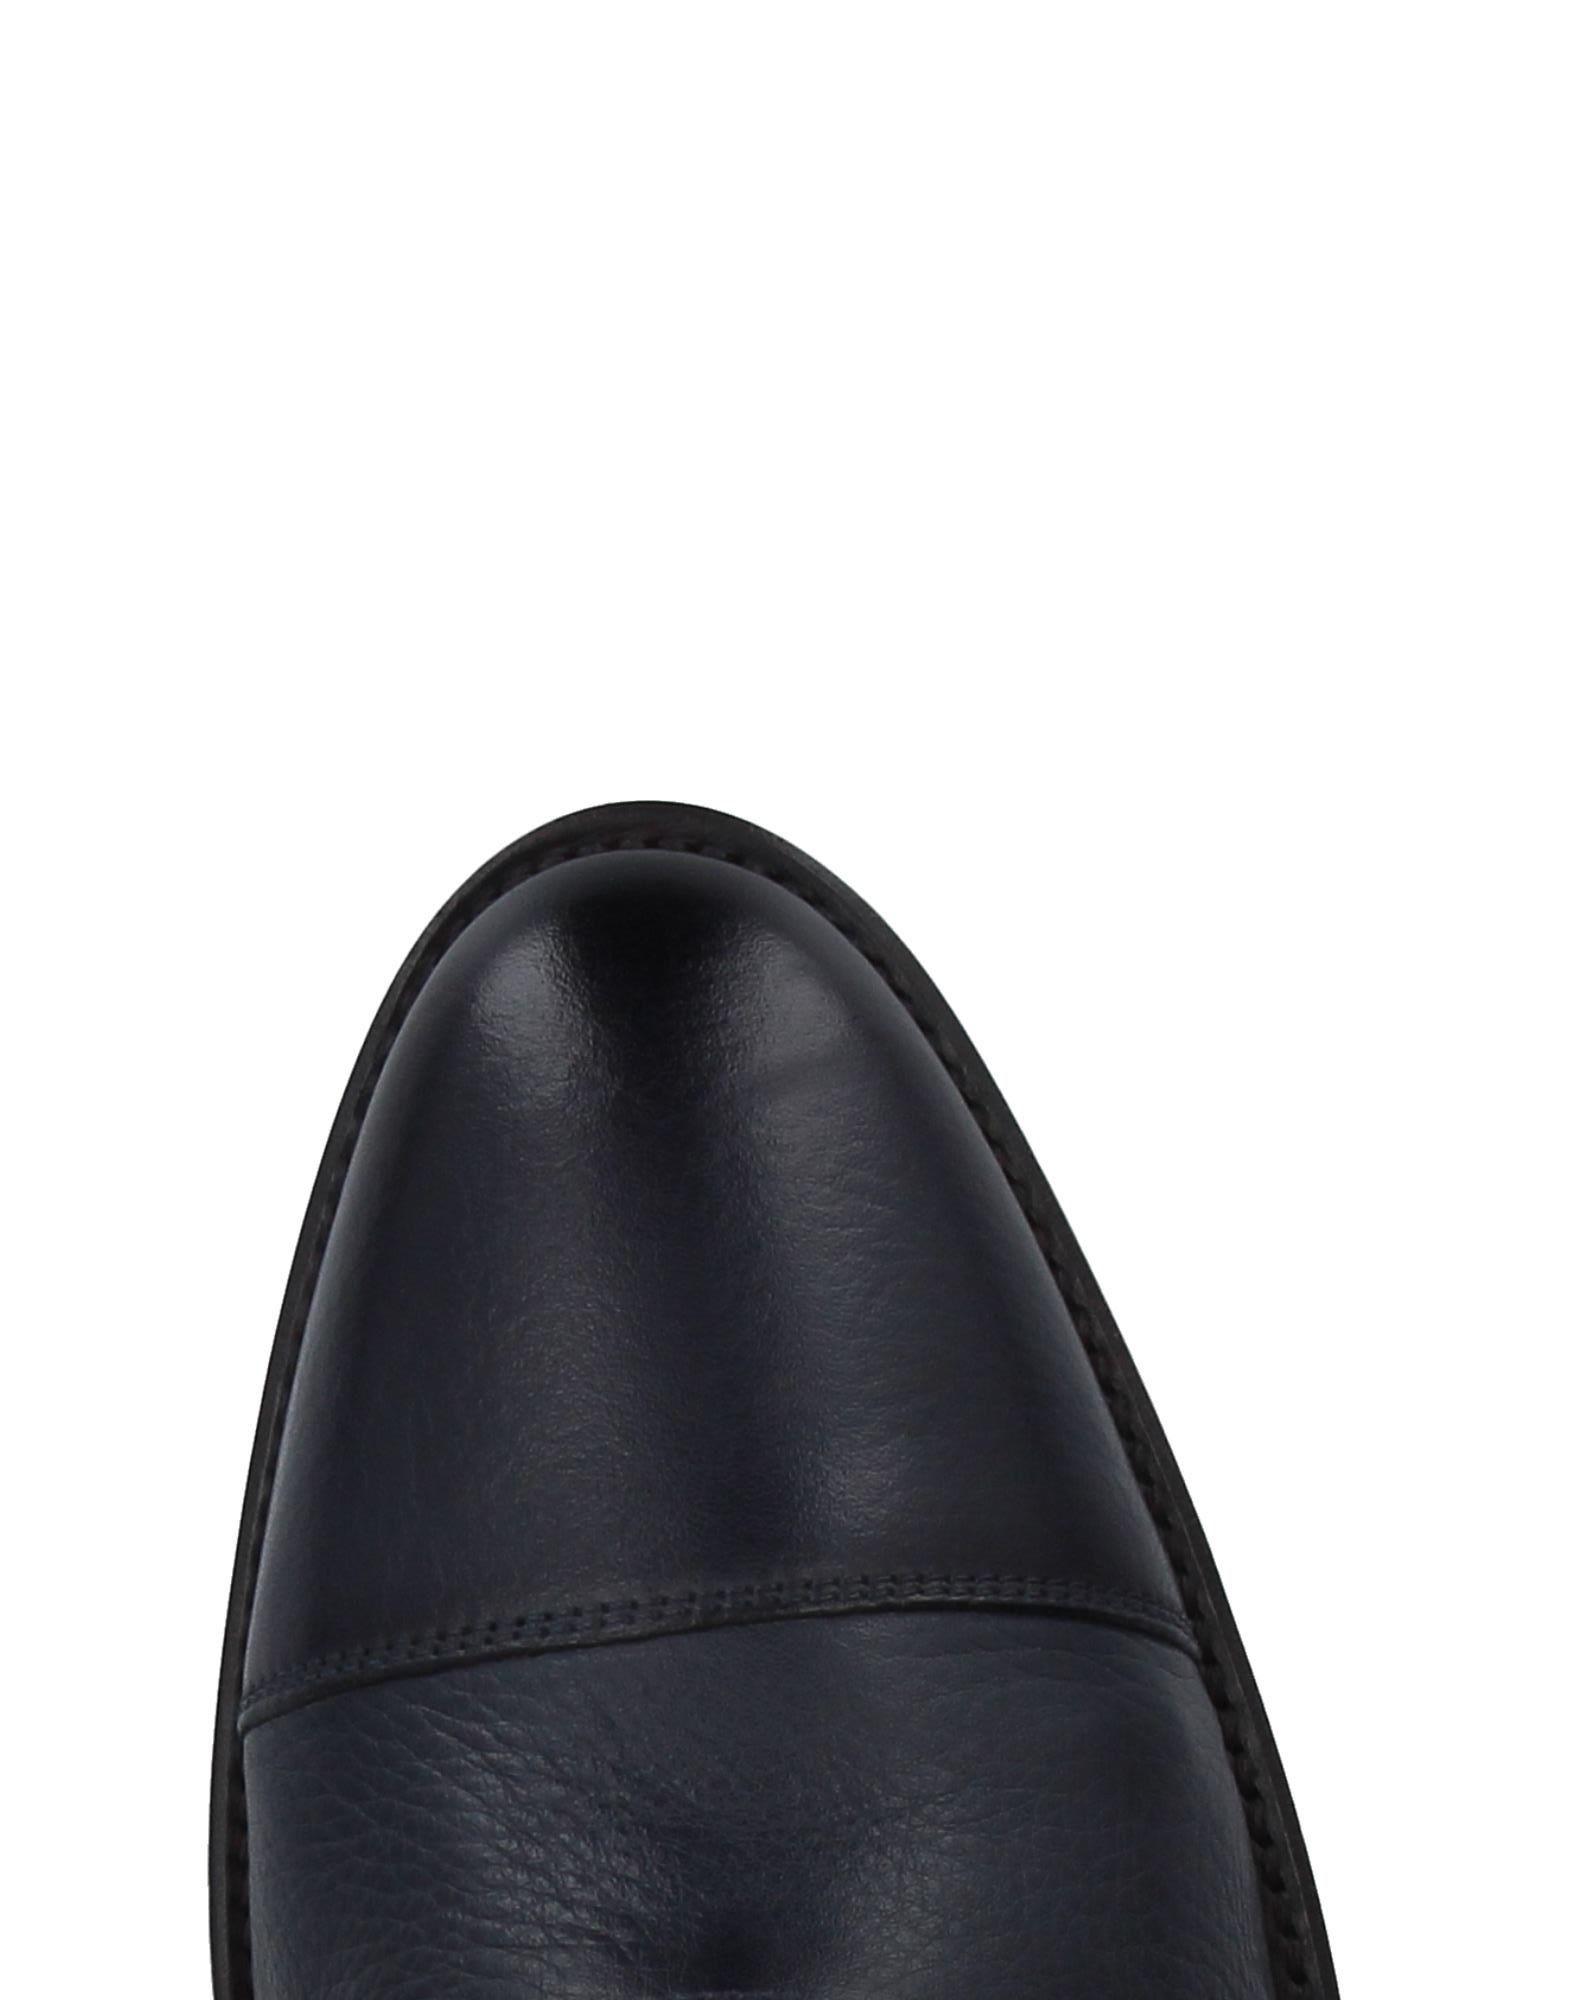 Santoni 11410262RV Schnürschuhe Herren  11410262RV Santoni Heiße Schuhe 29d2b1